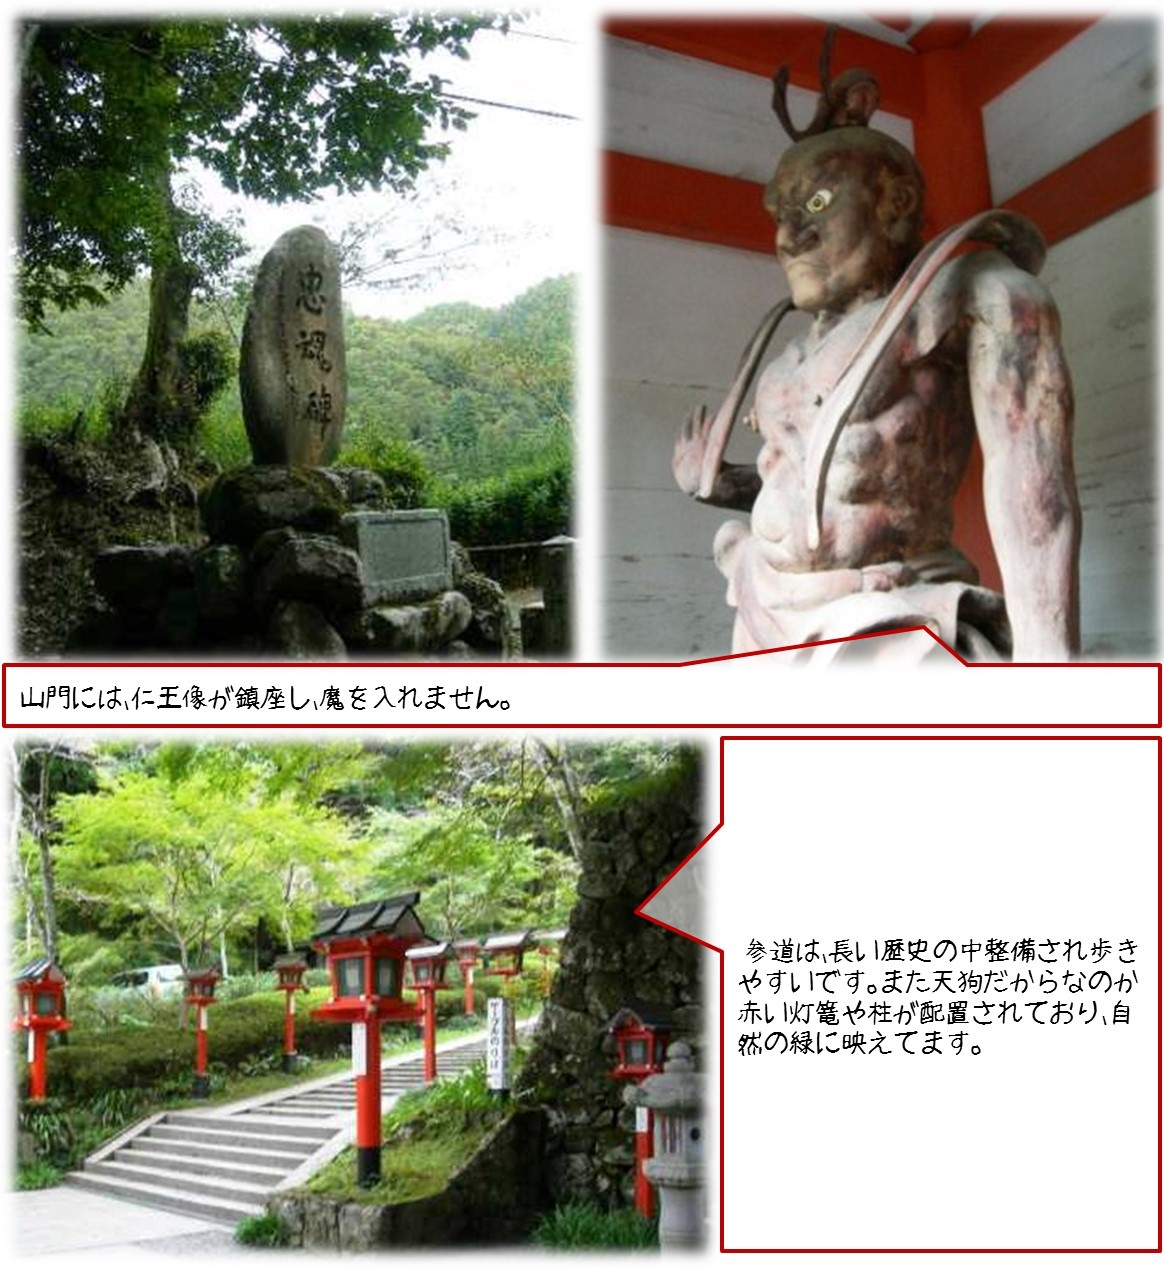 山門には、仁王像が鎮座し、魔を入れません。 参道は、長い歴史の中整備され歩きやすいです。 また天狗だからなのか赤い灯篭や柱が配置されており、自然の緑に映えてます。